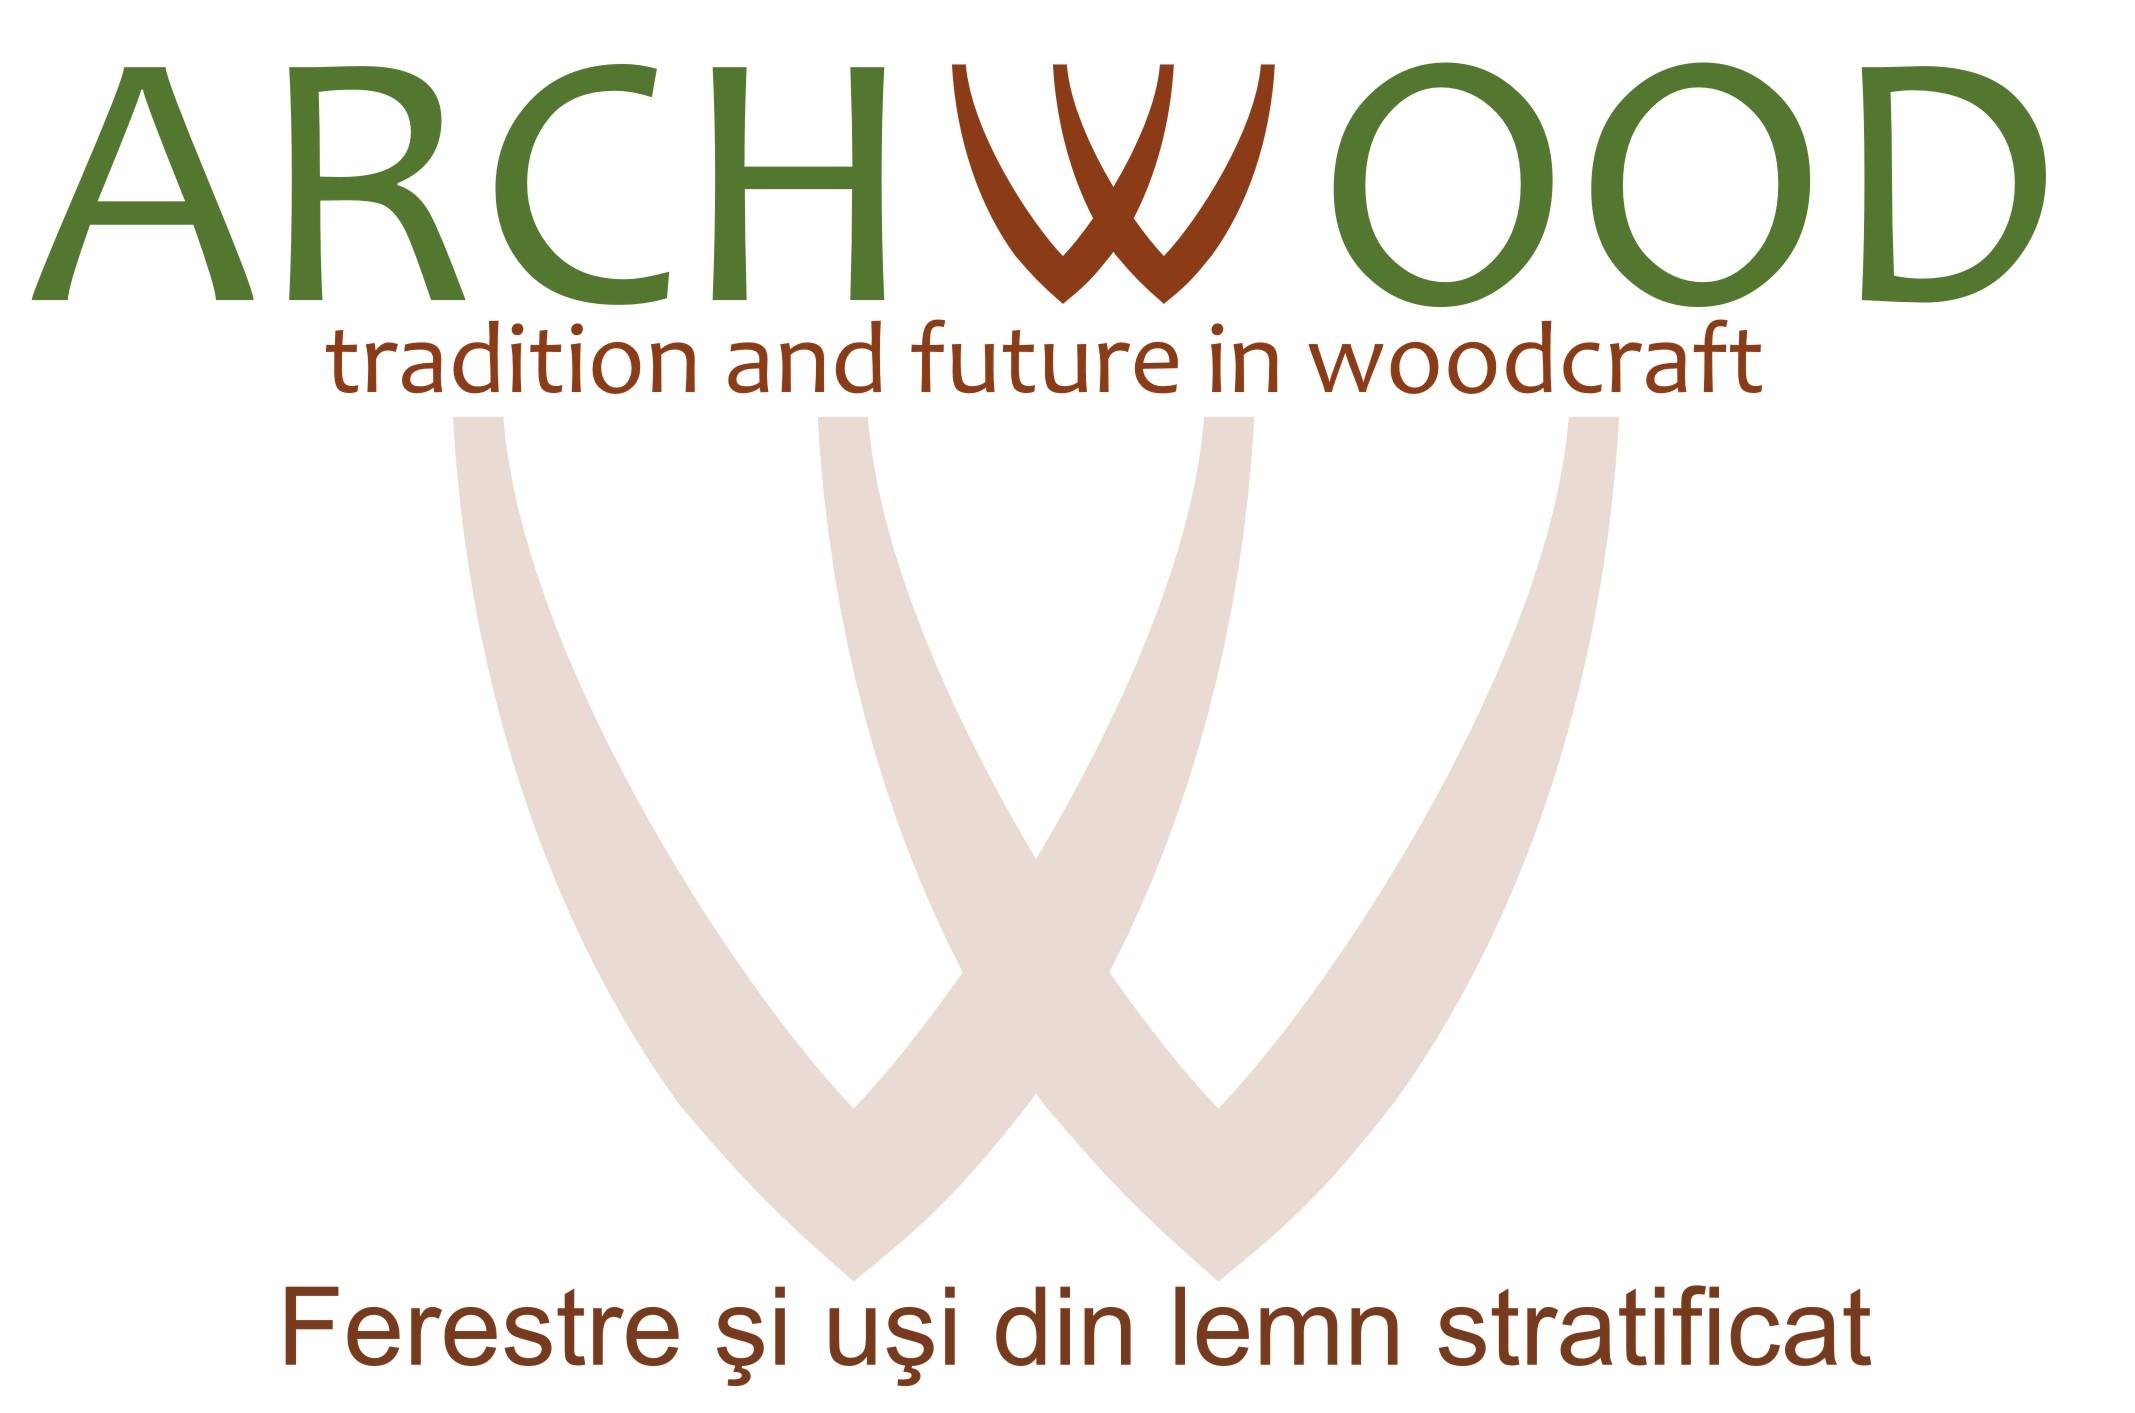 ARCHWOOD DESIGN 09 SRL